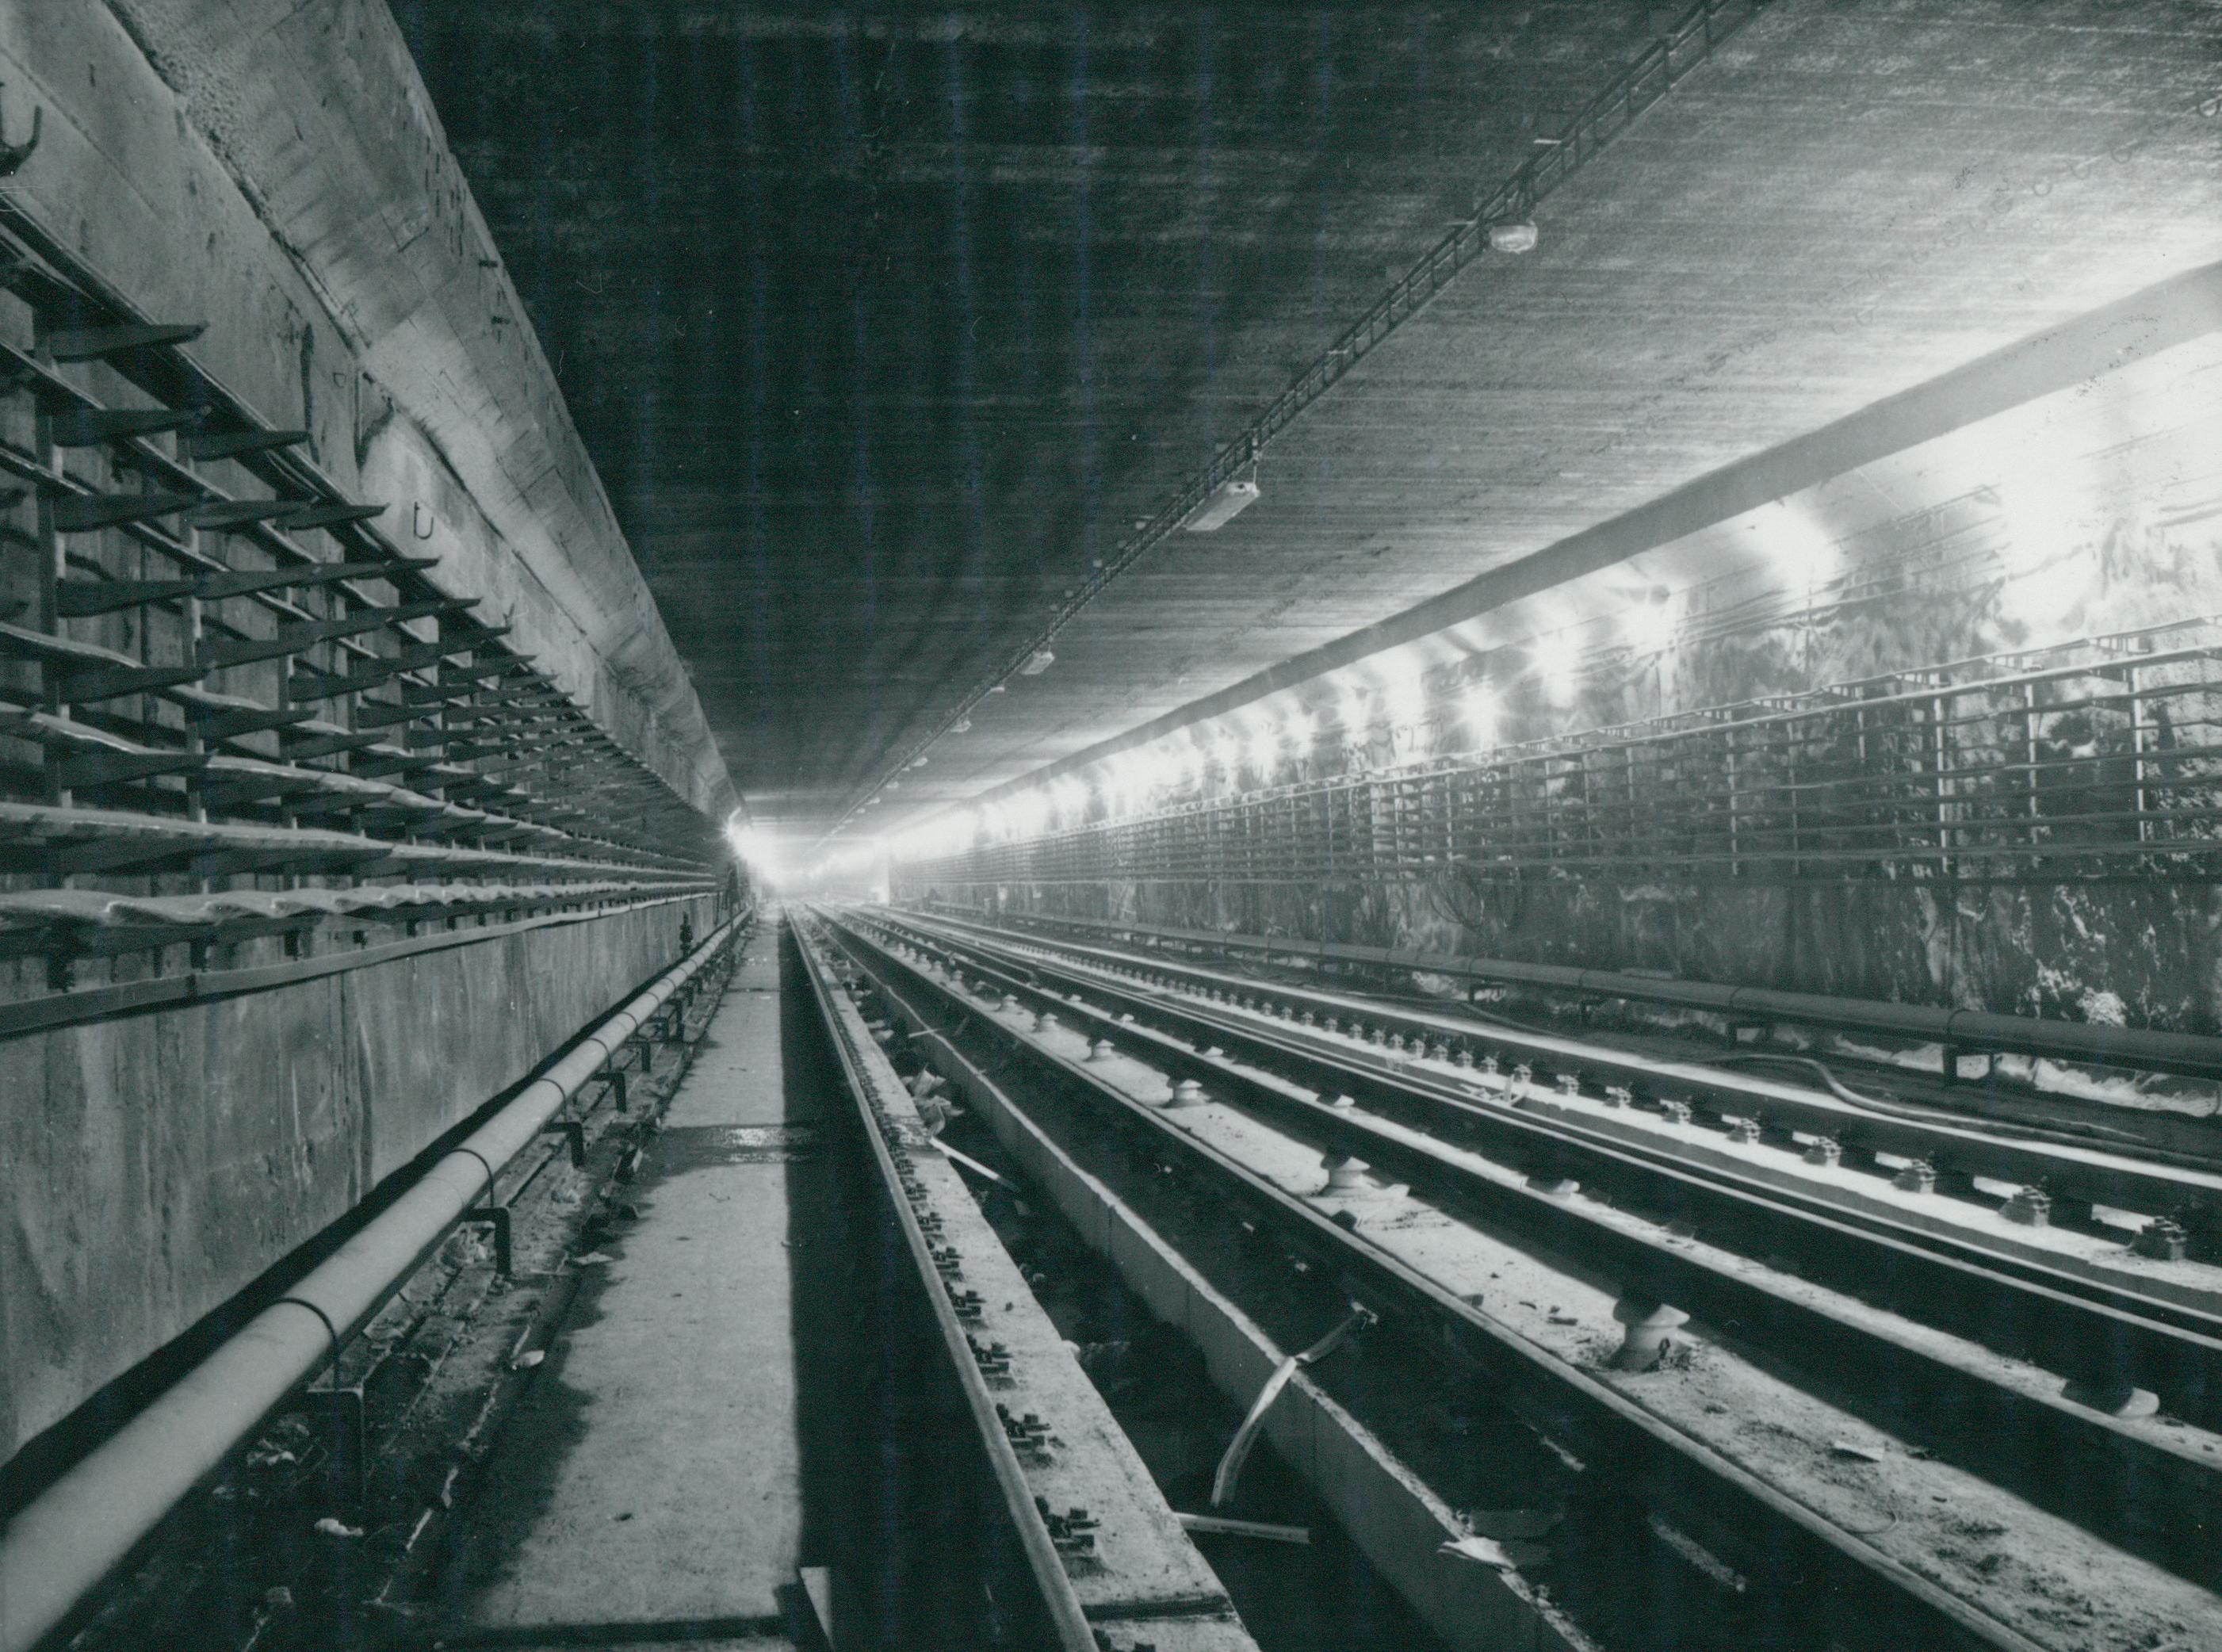 3-as metró alagútjának építése a Határ út - Ecseri út szakaszon